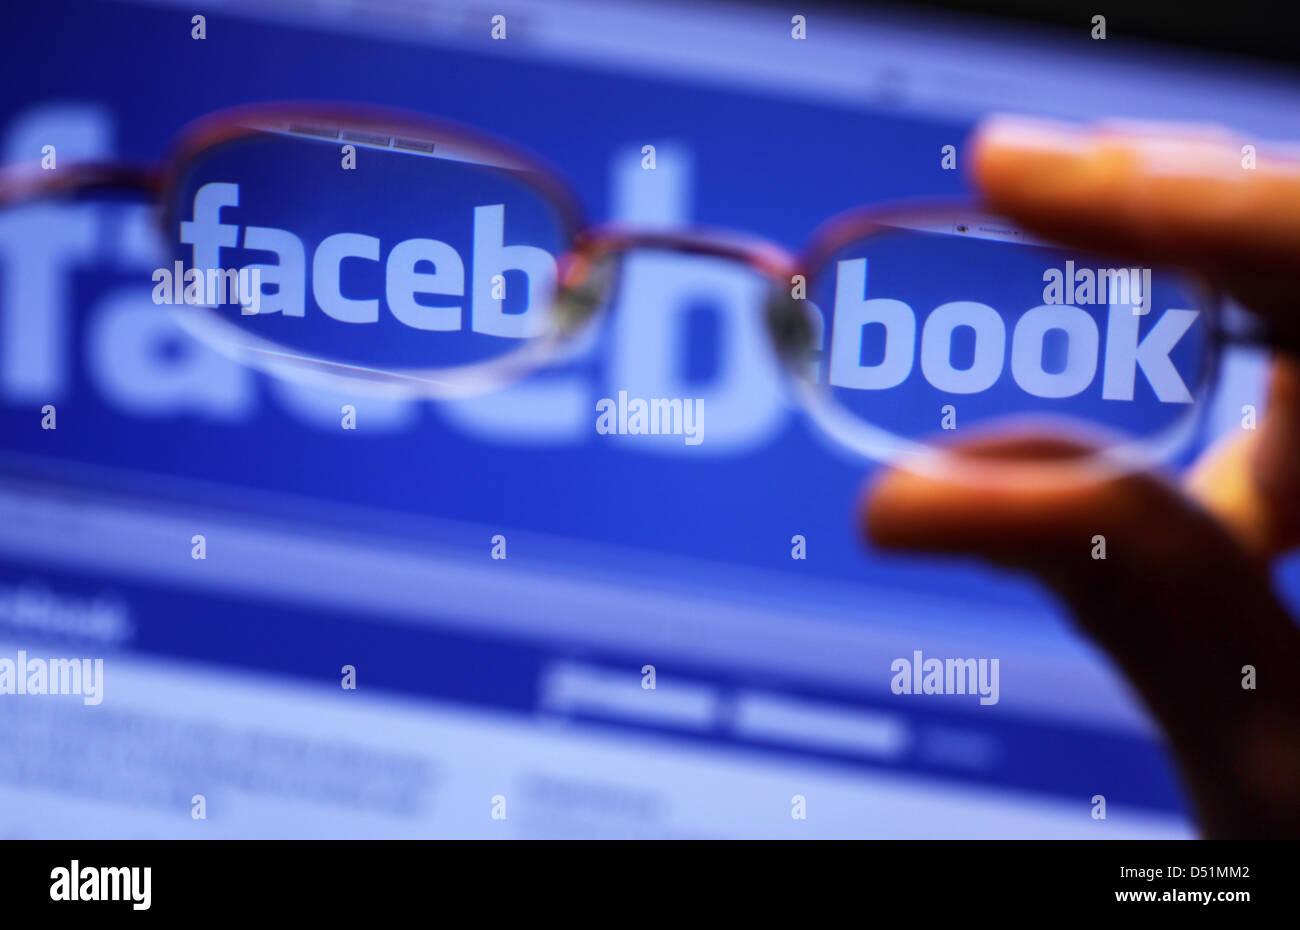 """Ein Datei-Bild vom 16. November 2010 zeigt das Logo auf der Titelseite der Website """"Facebook"""" durch Lesebrille Stockbild"""